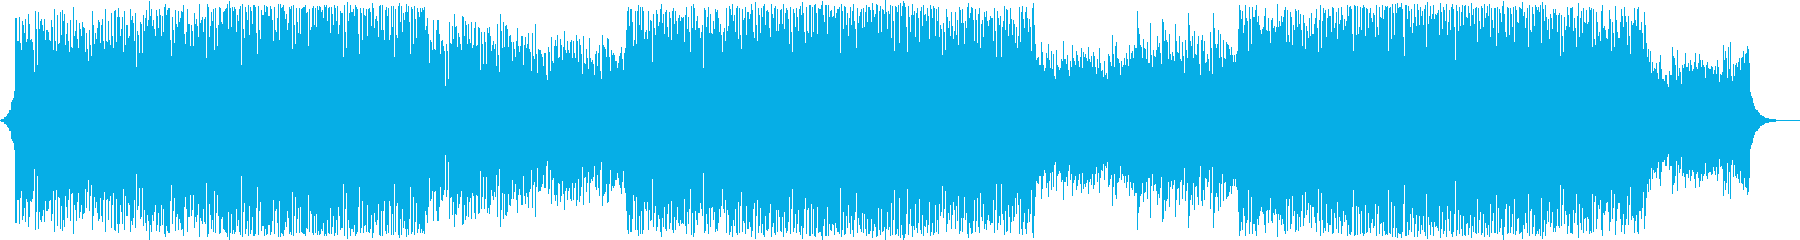 明るく爽やか 企業向けBGMの再生済みの波形